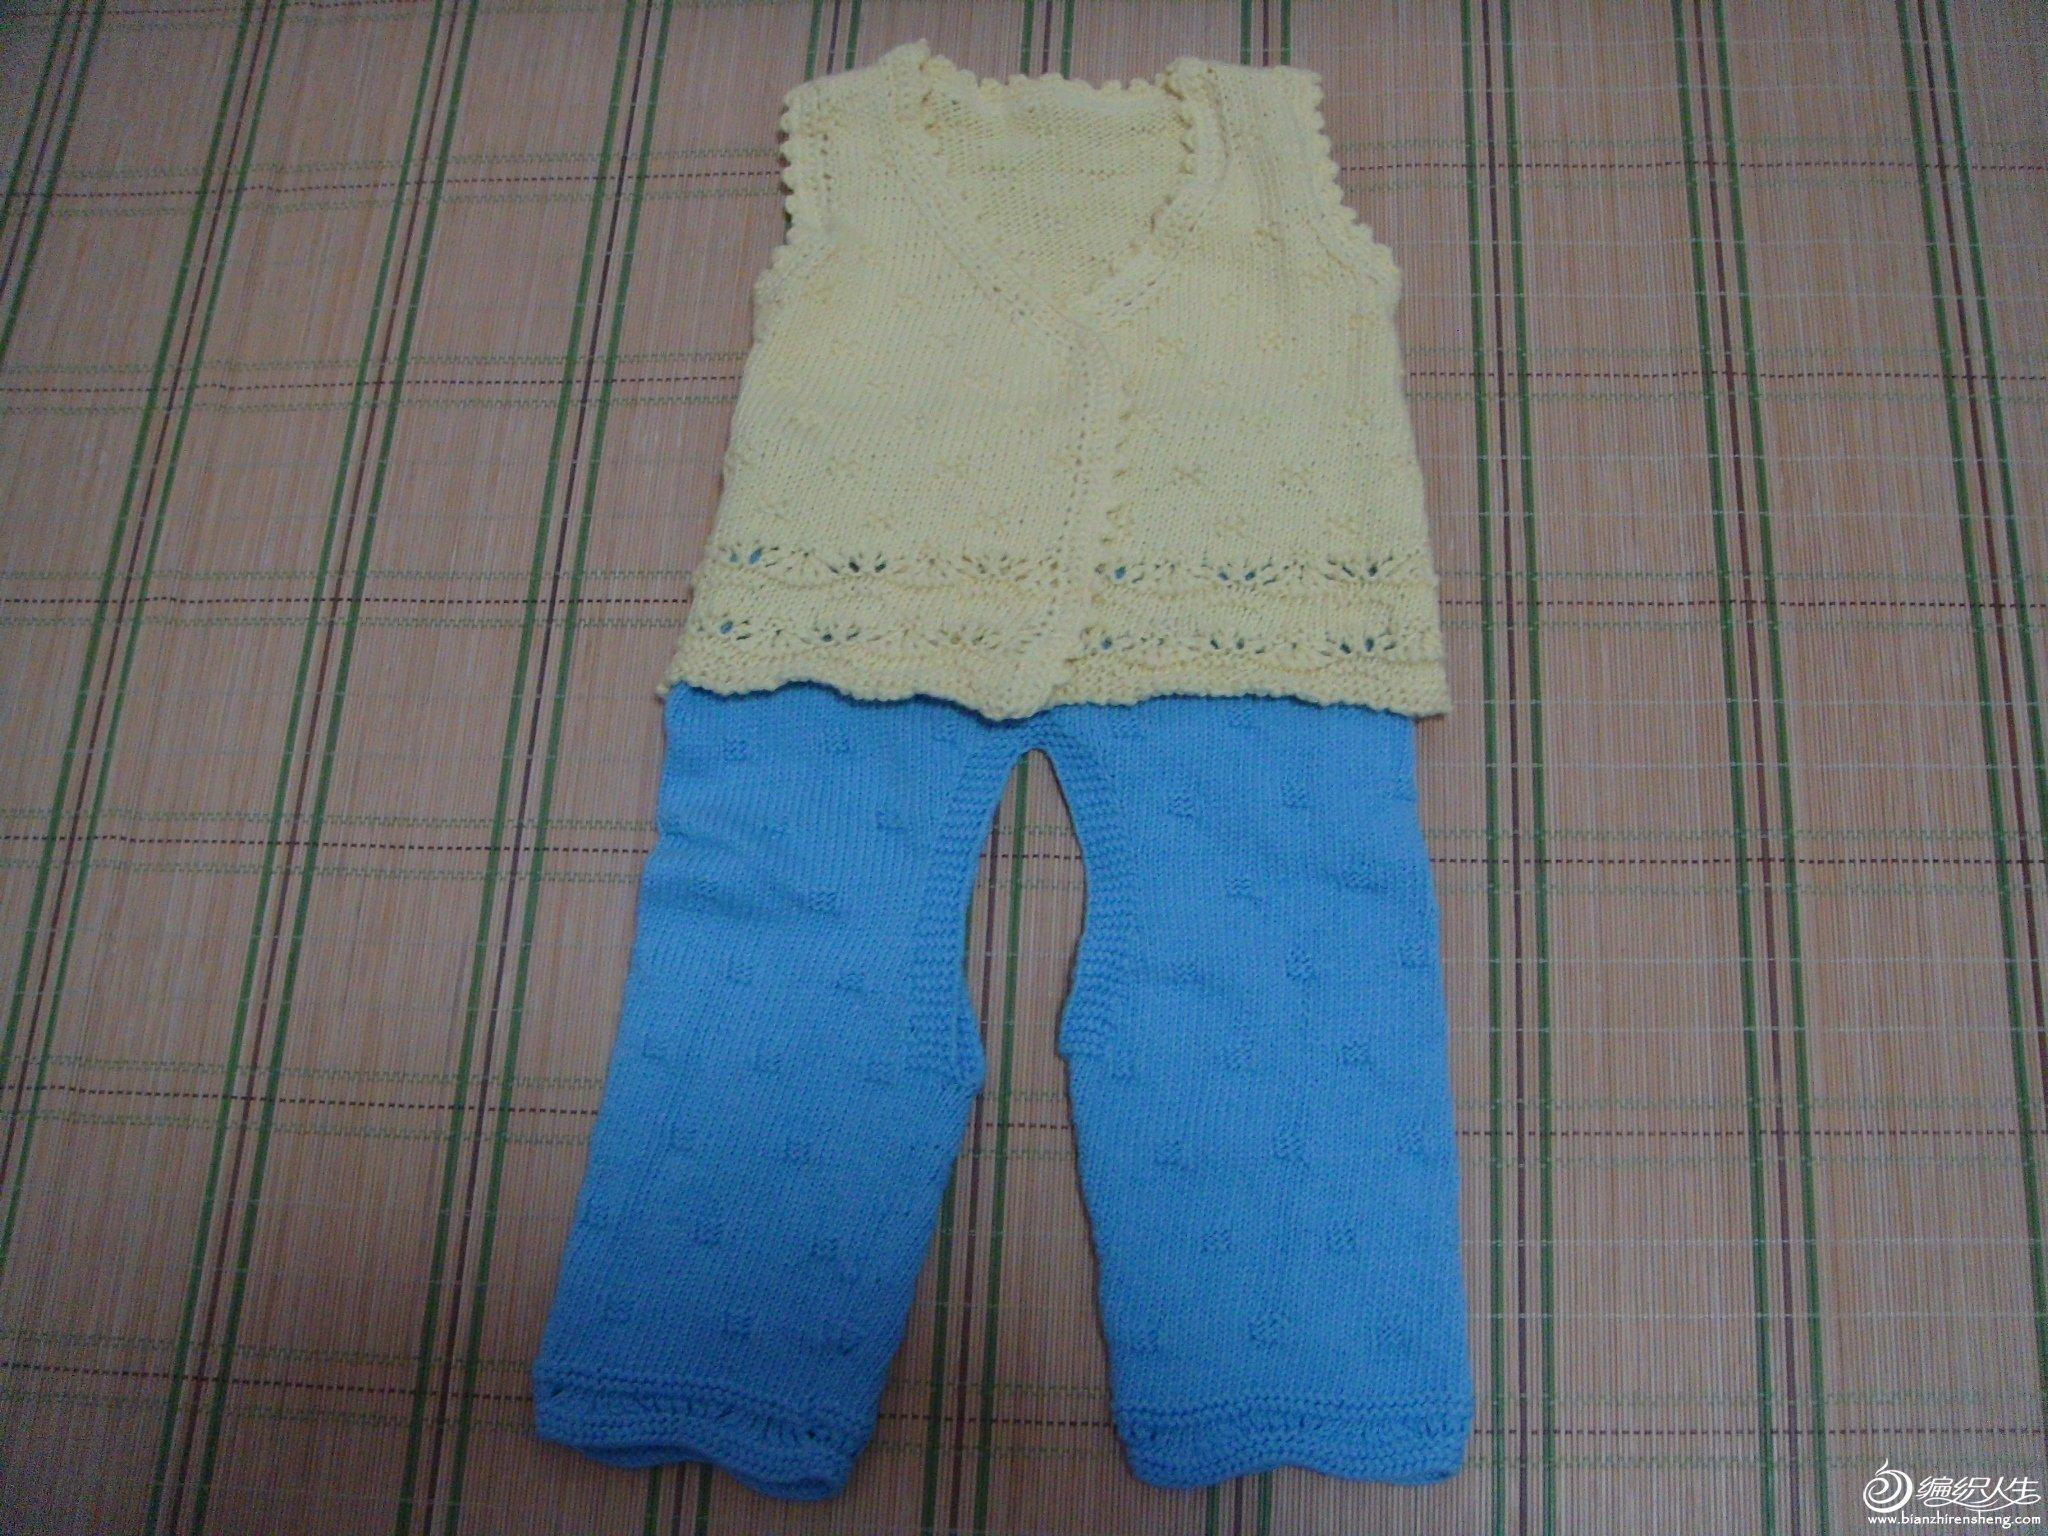 我的编织作品(童装-背心和开裆裤) 013.jpg